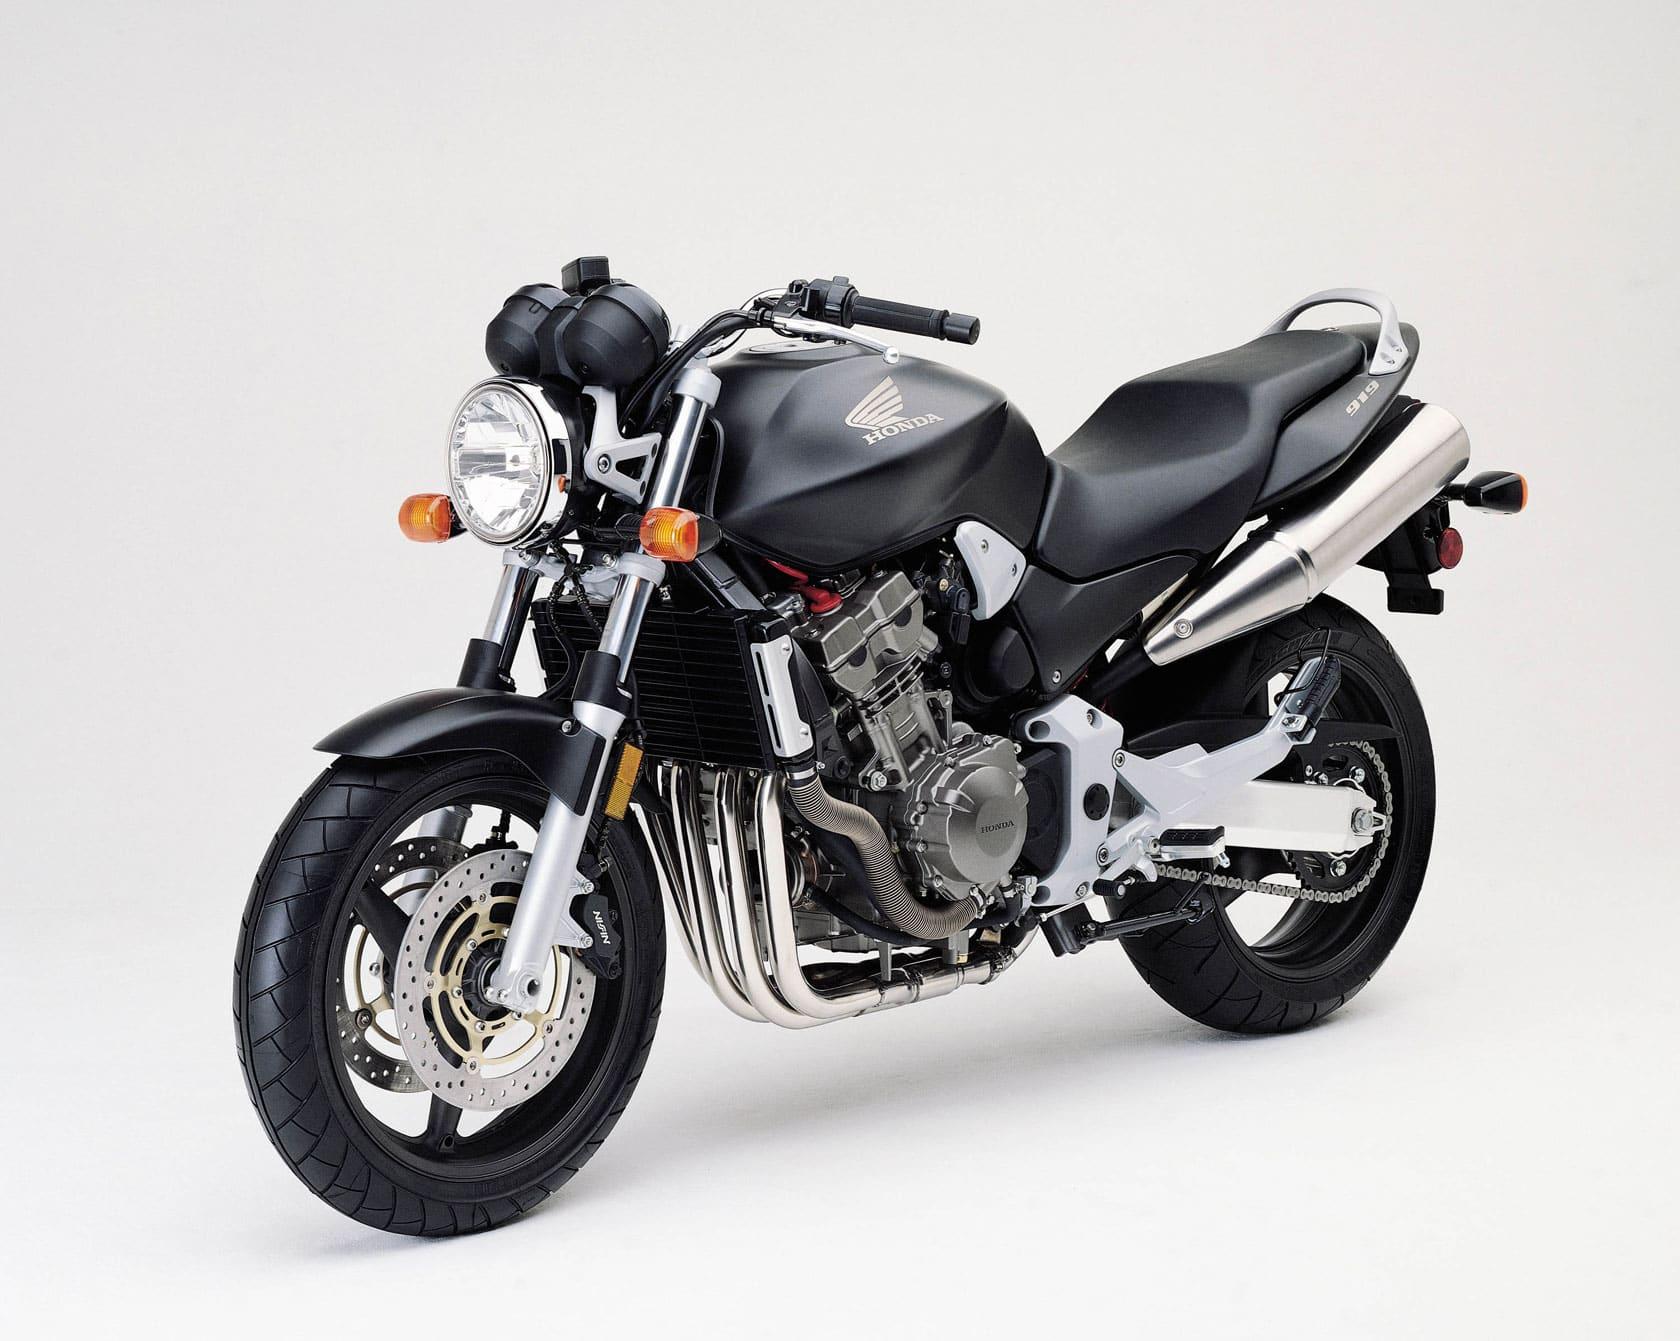 Honda Nighthawk 750 — never say die